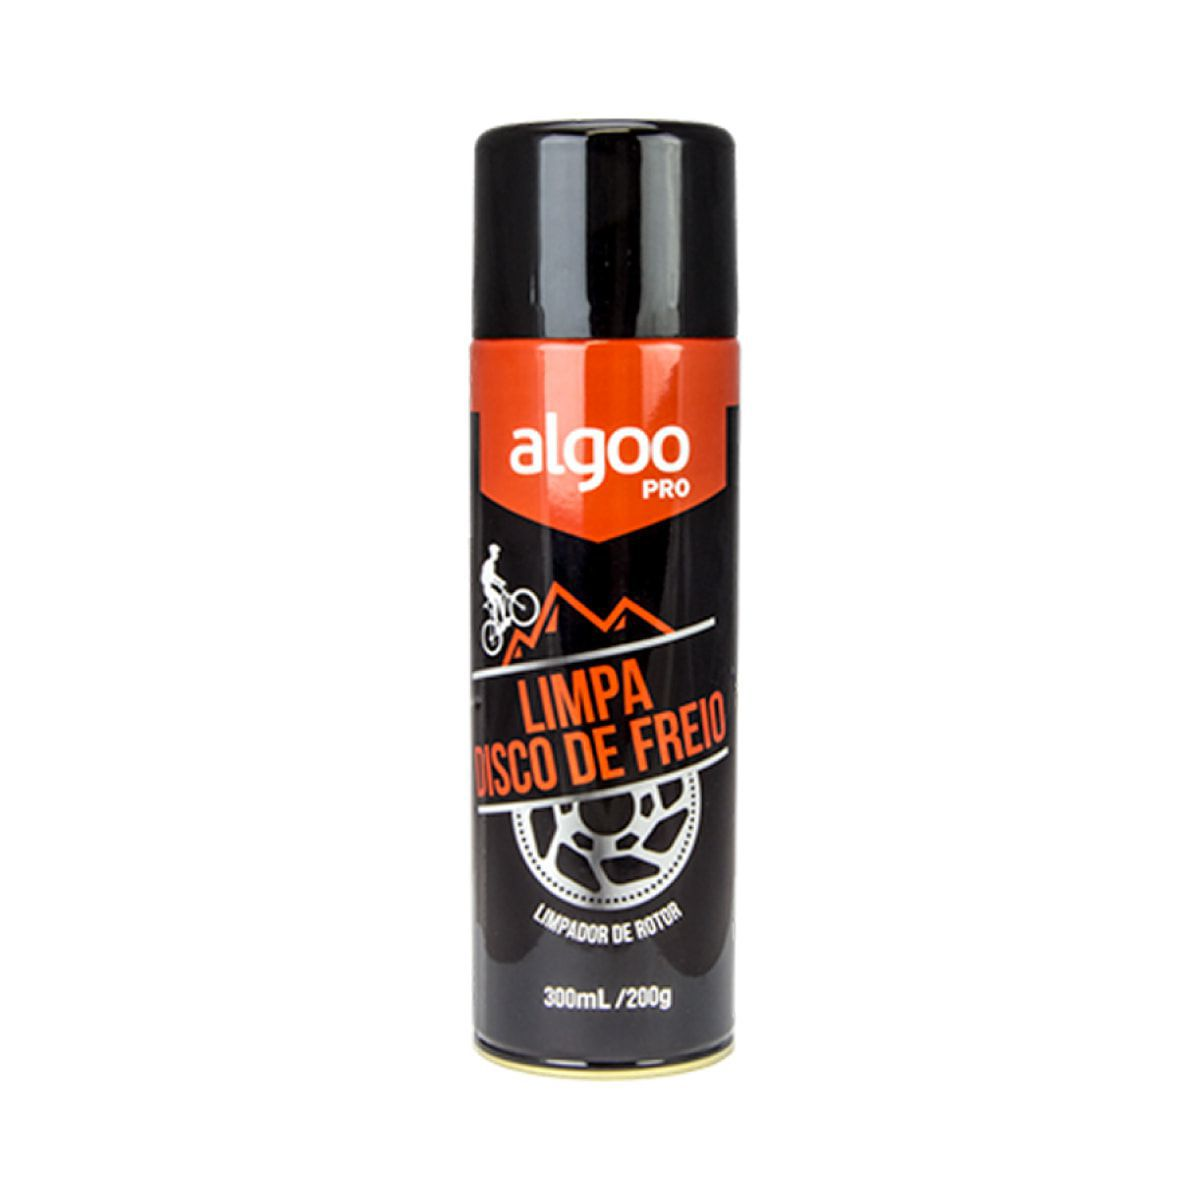 Limpa Disco Freio Algoo Pro